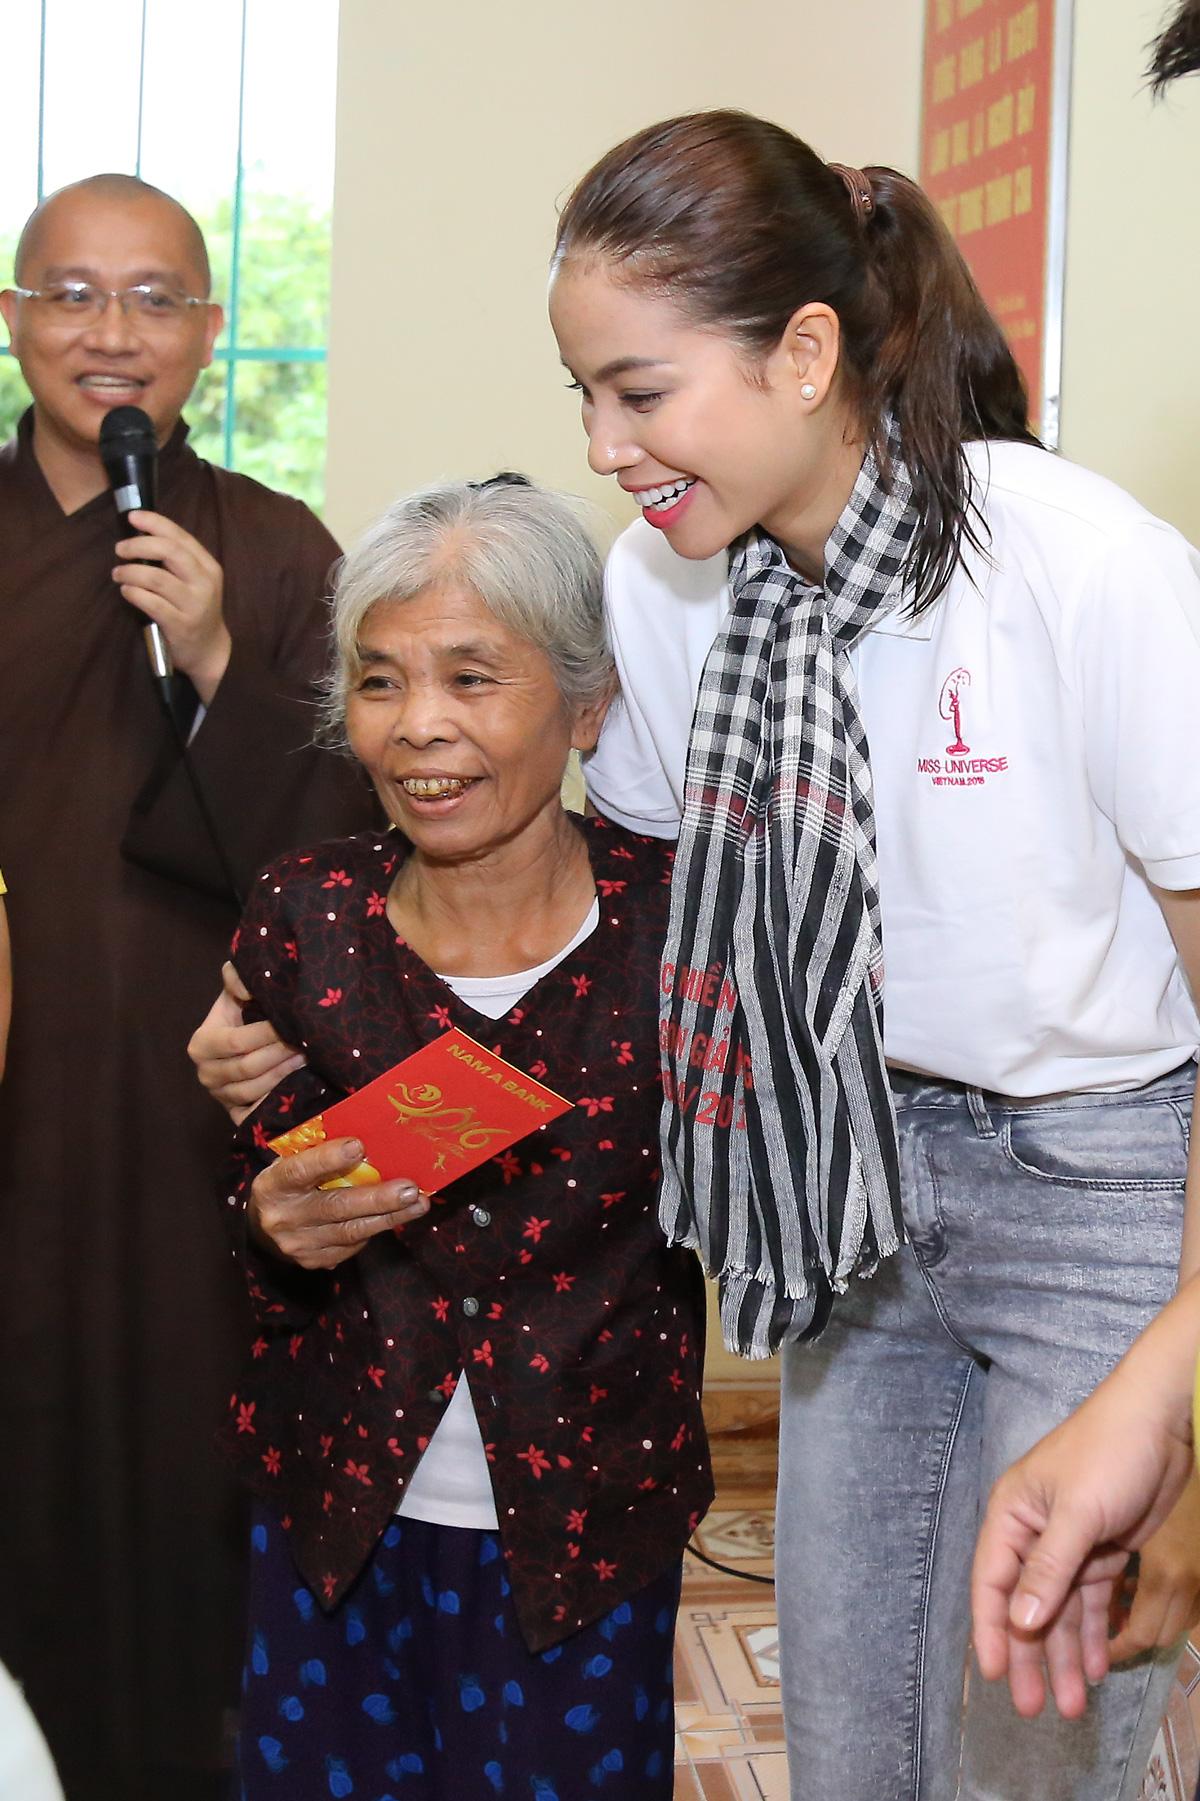 Hoa hậu Phạm Hương chạy xe đạp chở cụ già trong cơn mưa dầm 4